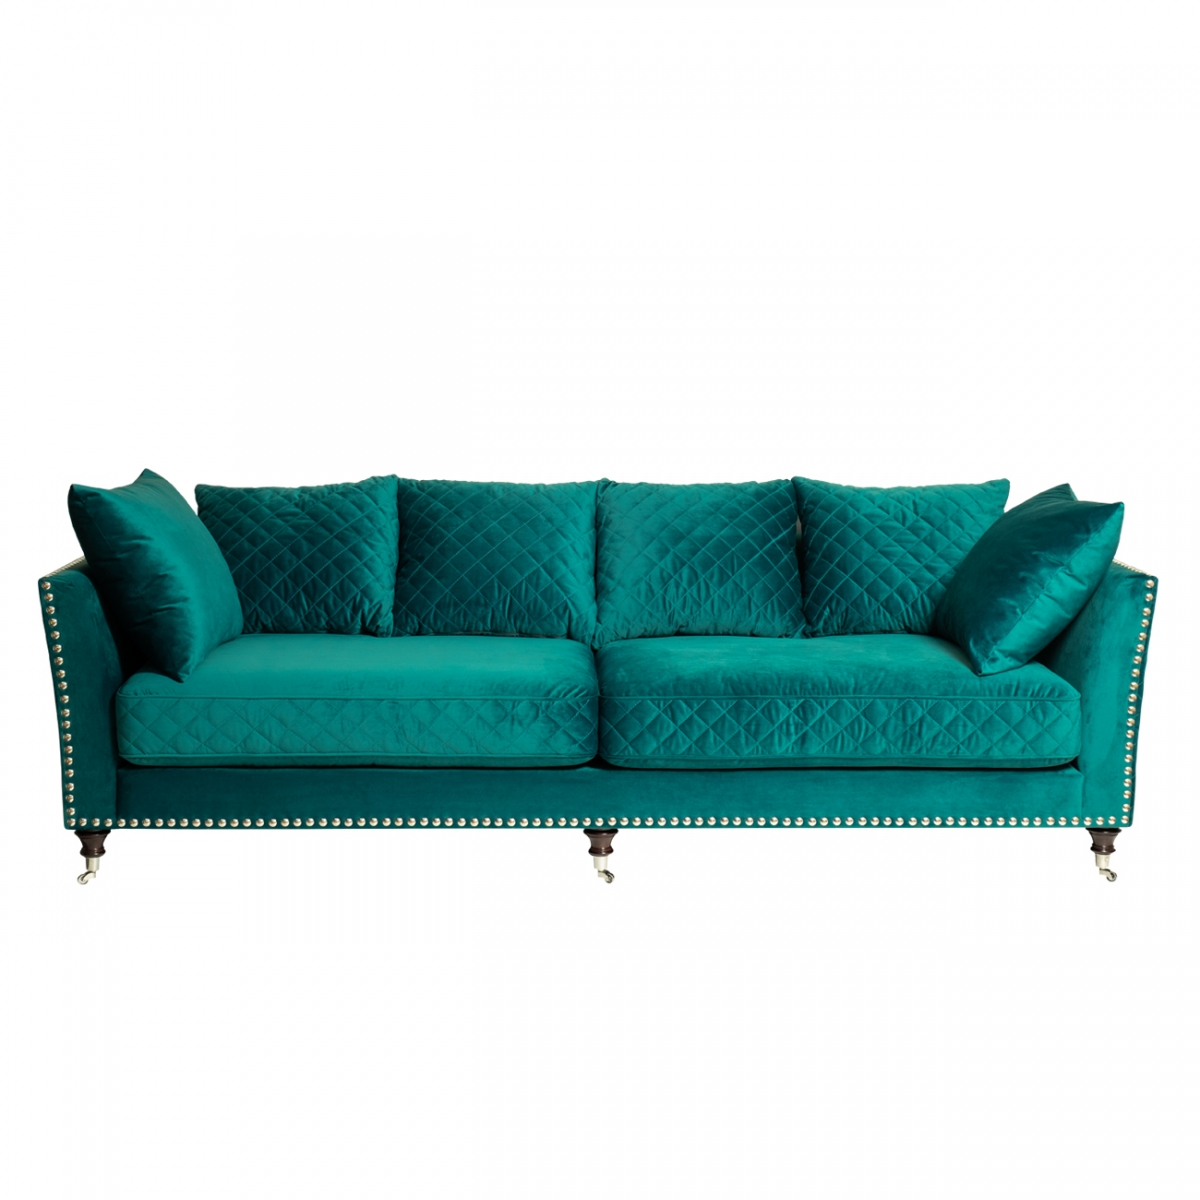 Диван Giorgio Sofa Turquoise  - фото 1